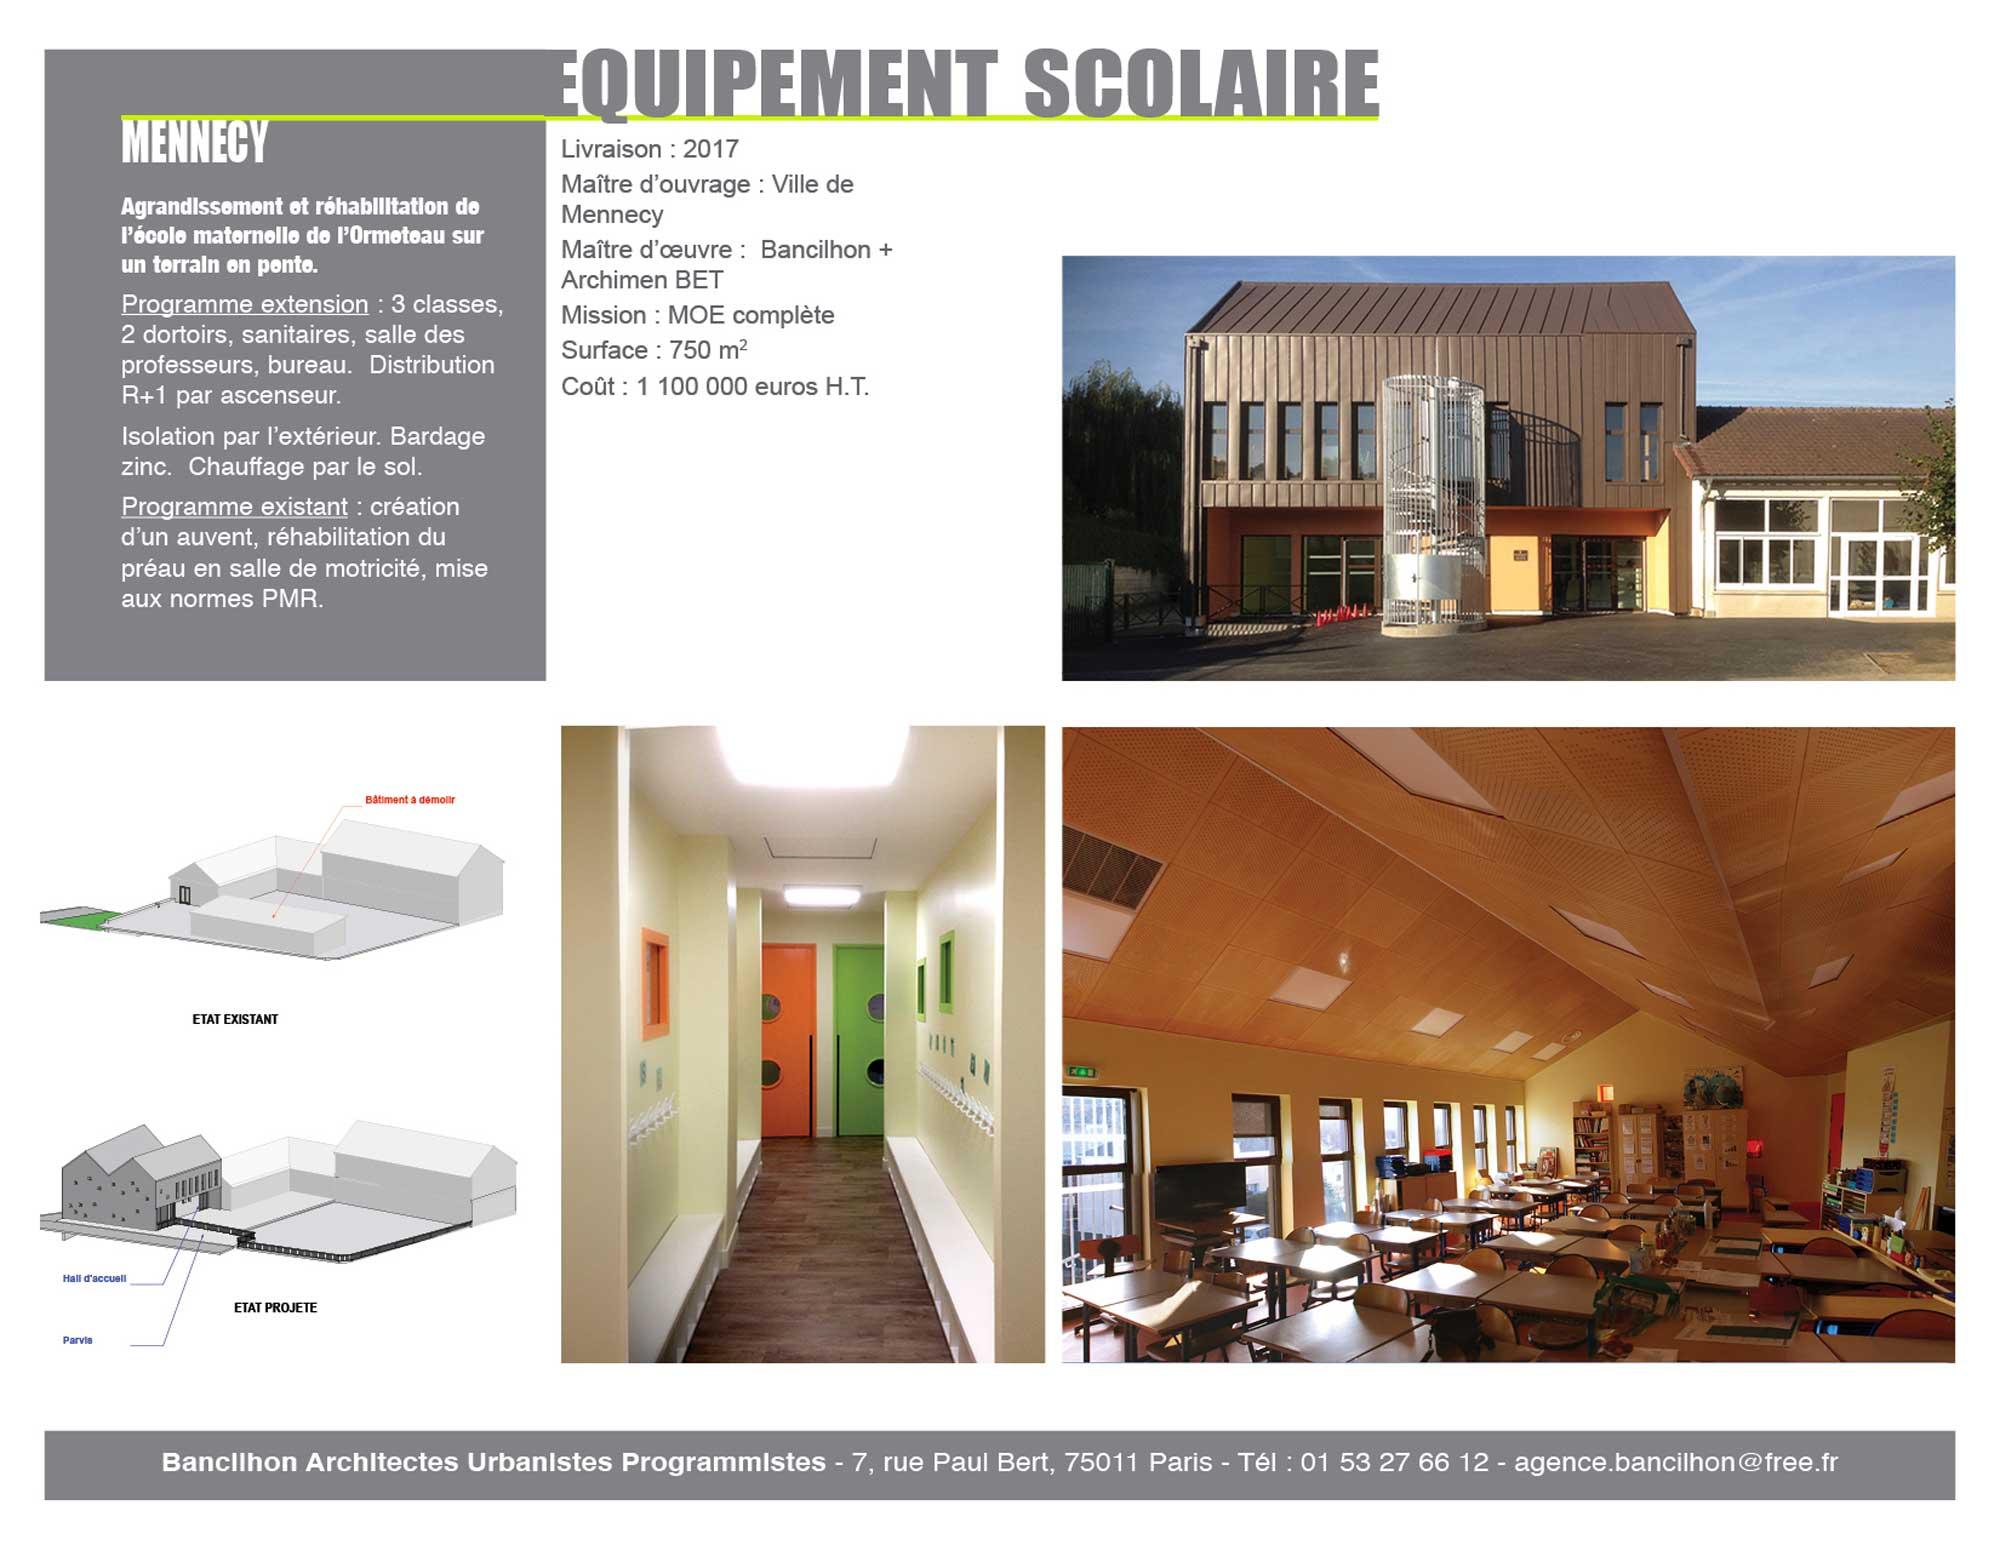 Mennecy ecole ormeteau equipement scolaire Bancilhon architectes